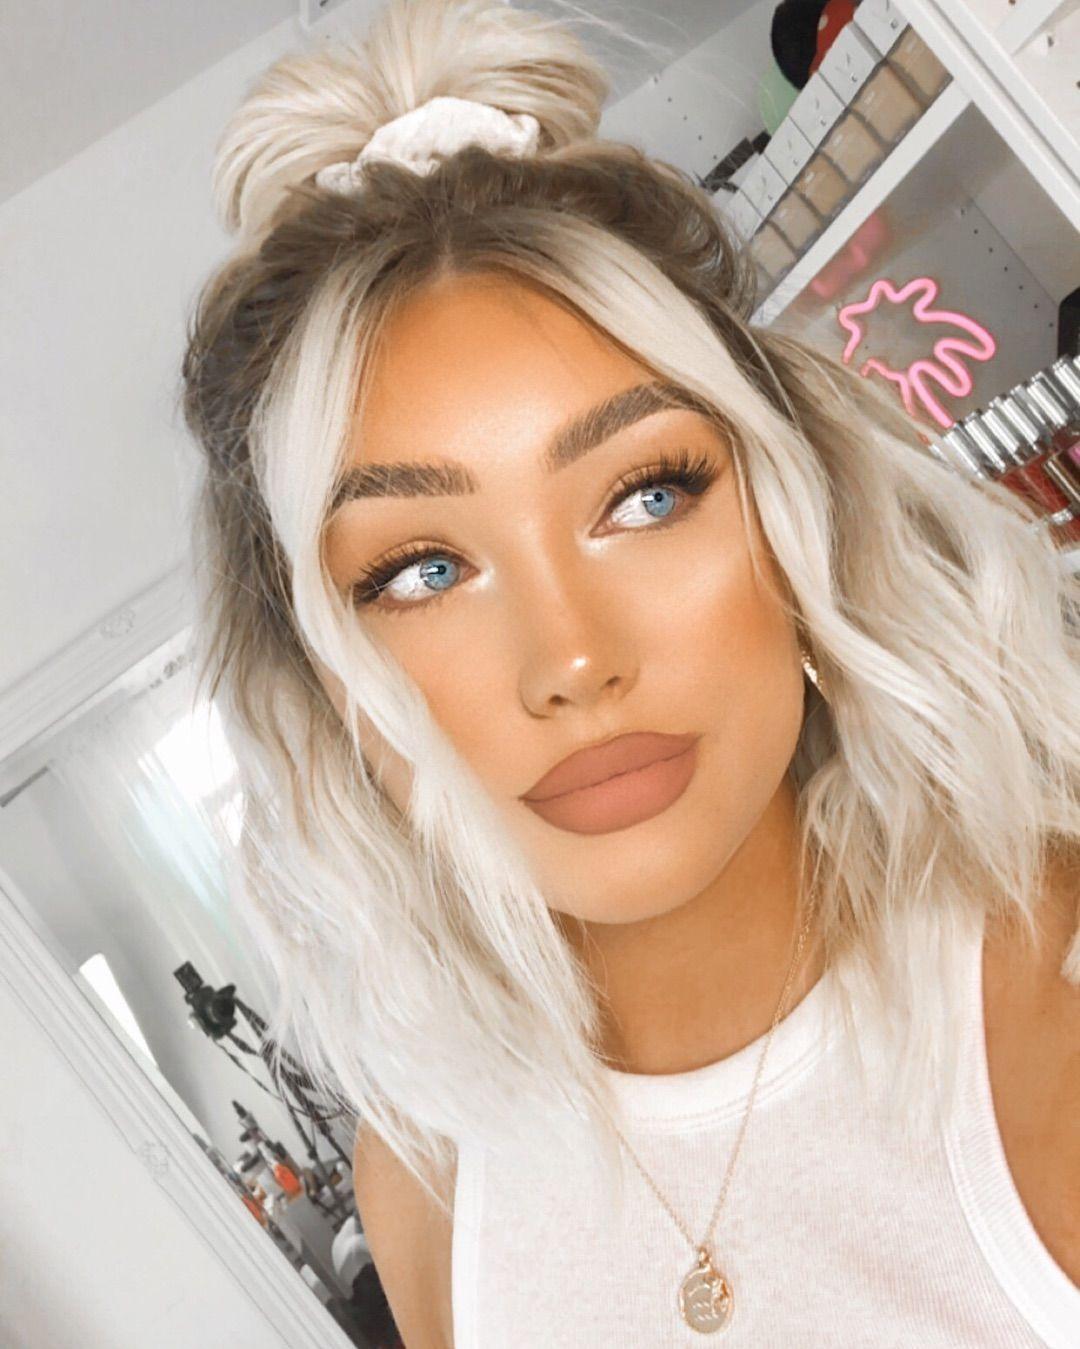 G I N Box Auf Instagram Was Haben Sie An Diesem Sonnigen Tag Gewesen Snapchat Filter Sucht In 2020 Hairdos For Short Hair Hair Styles Short Hair Styles